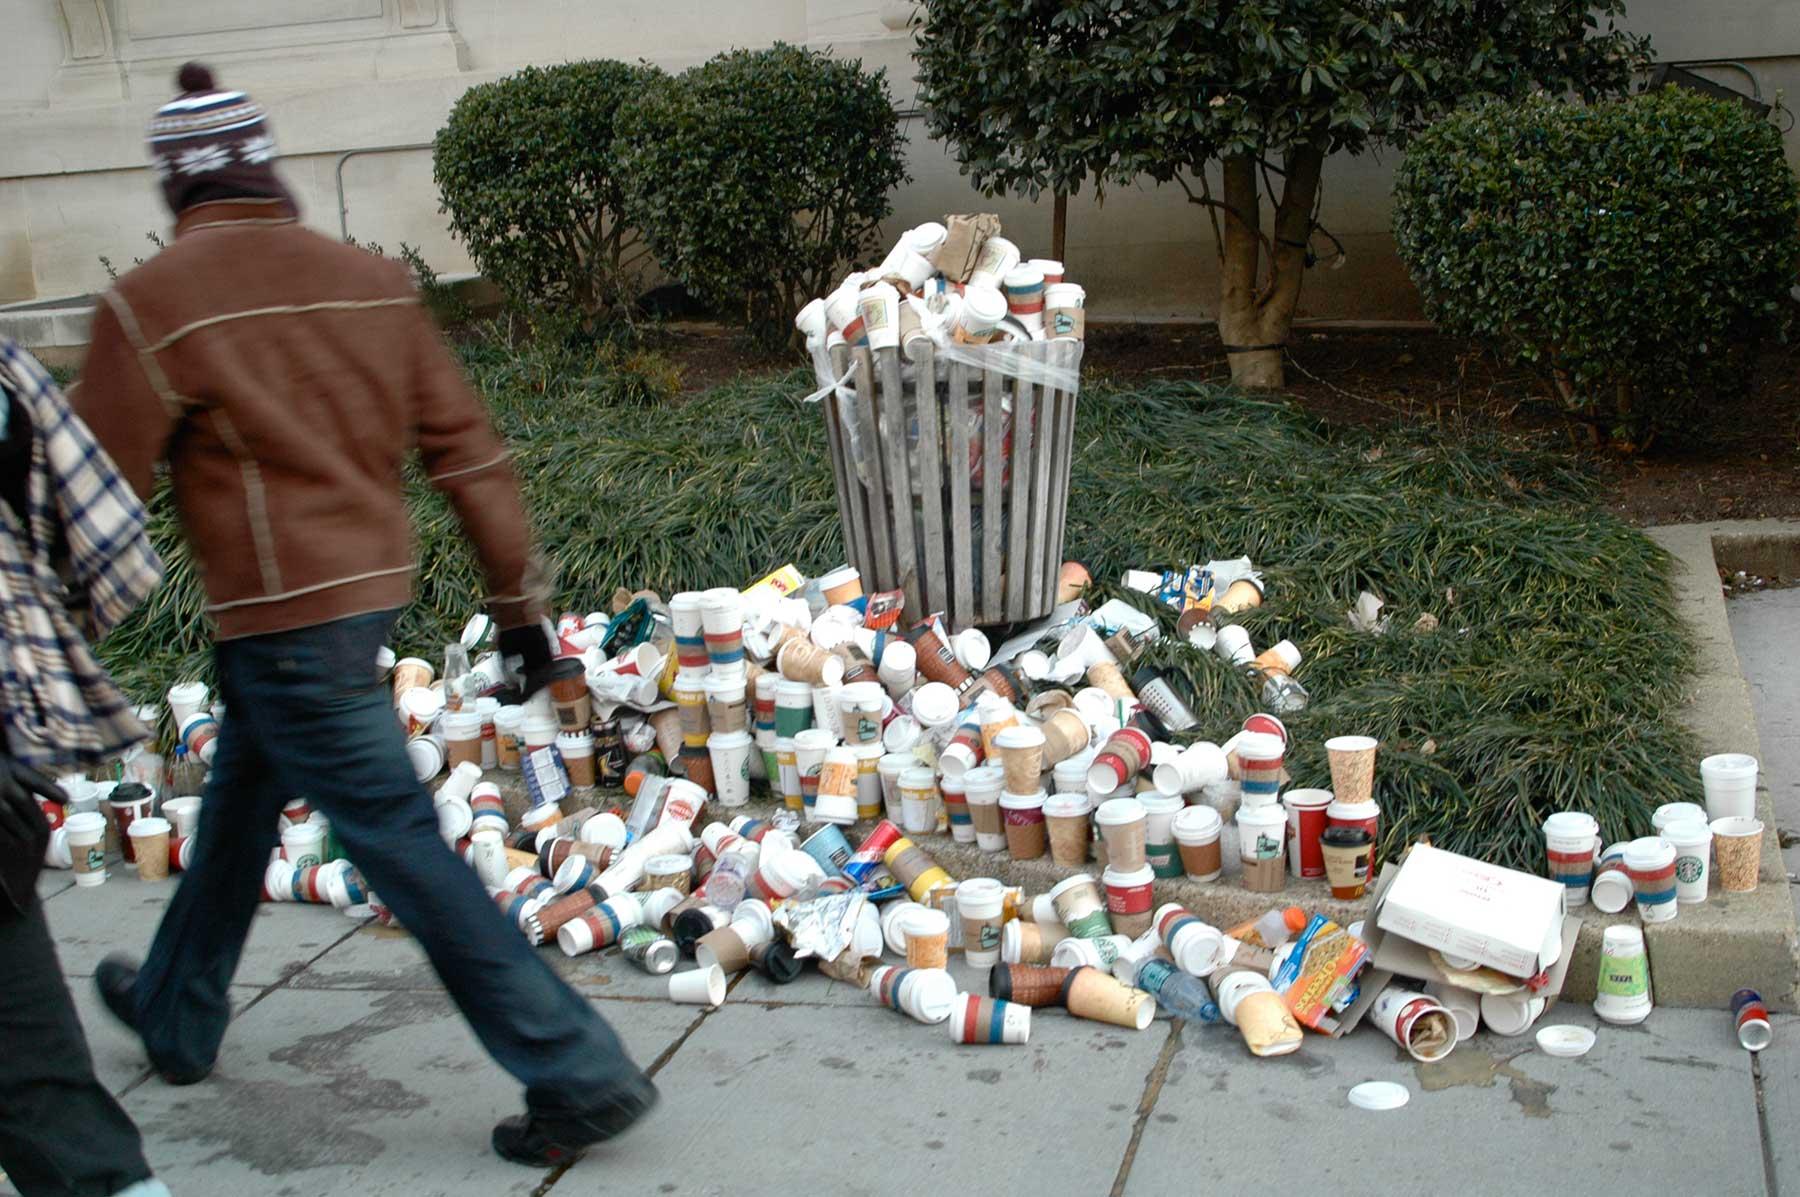 Washington DC - image from Barack Obama's Inauguration - photo courtesy of Munir Squires